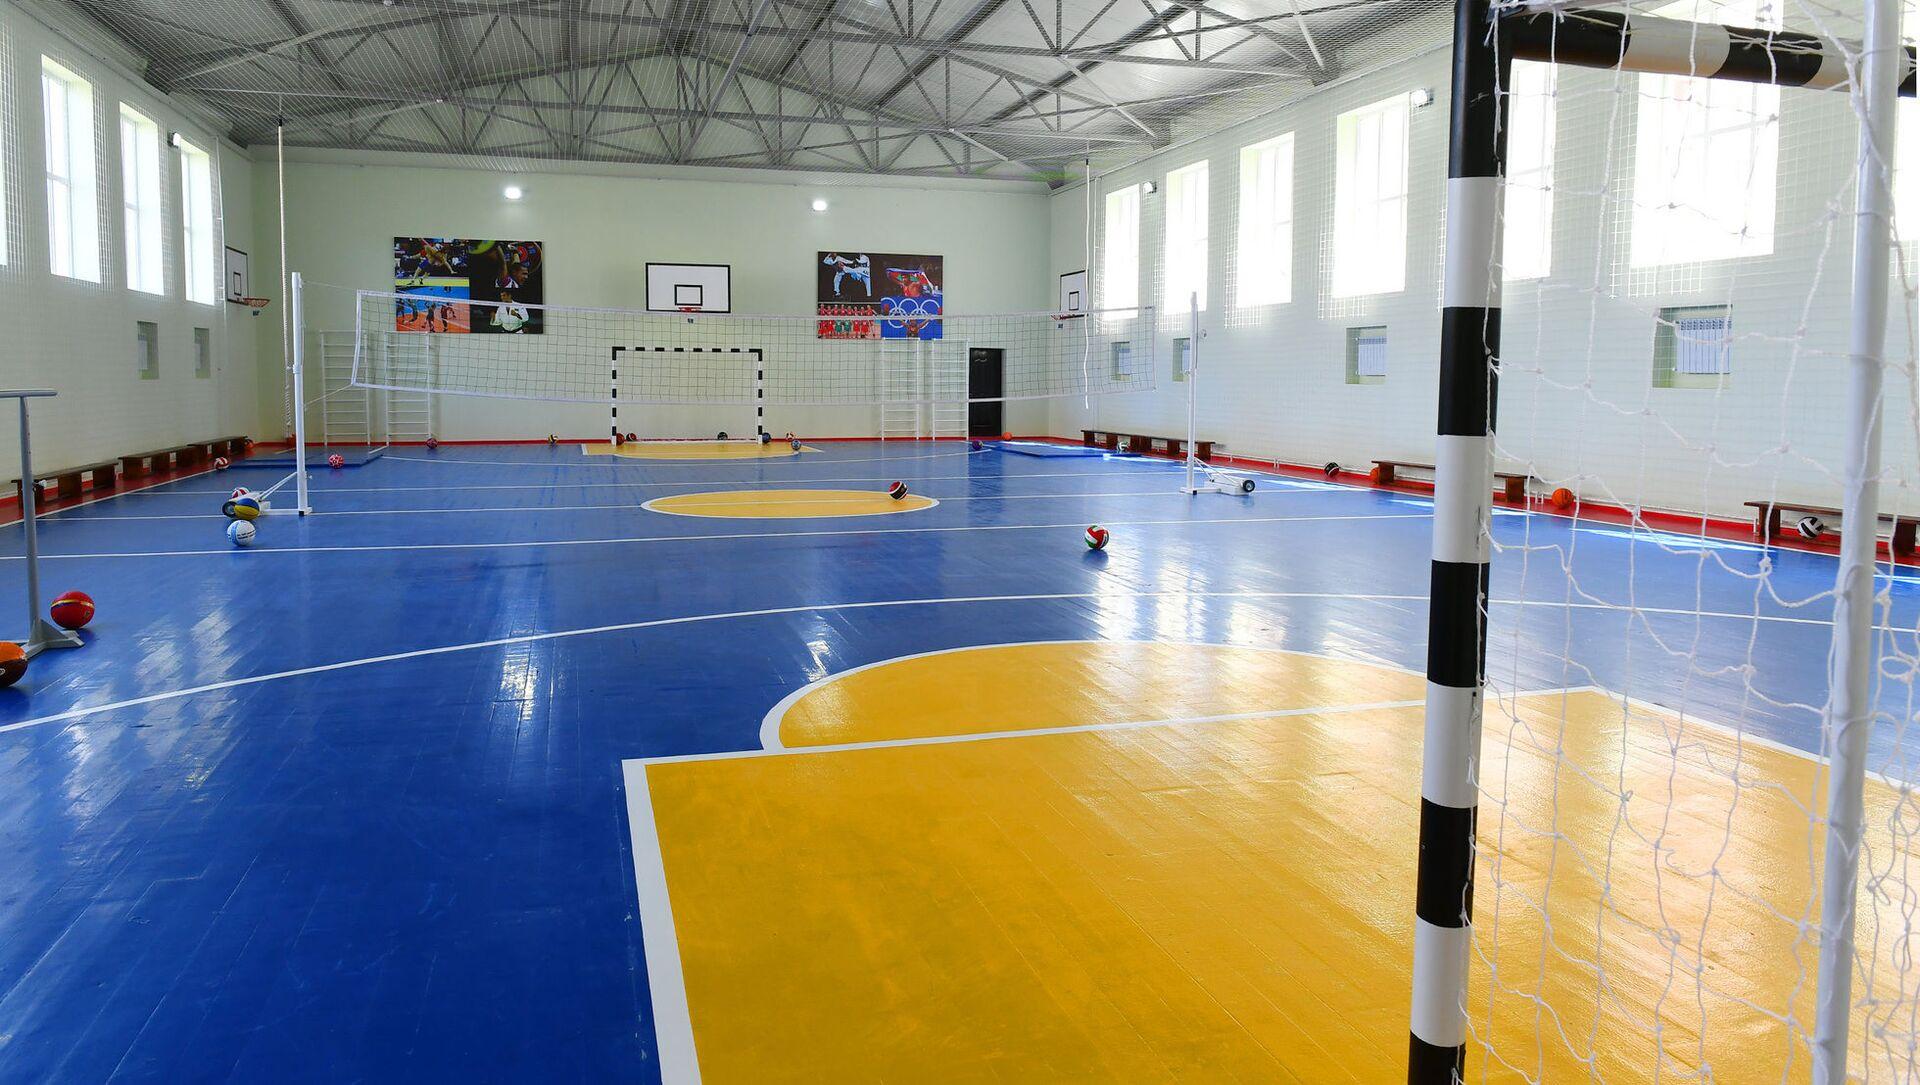 Спортзал в школе, фото из архива - Sputnik Azərbaycan, 1920, 10.09.2021